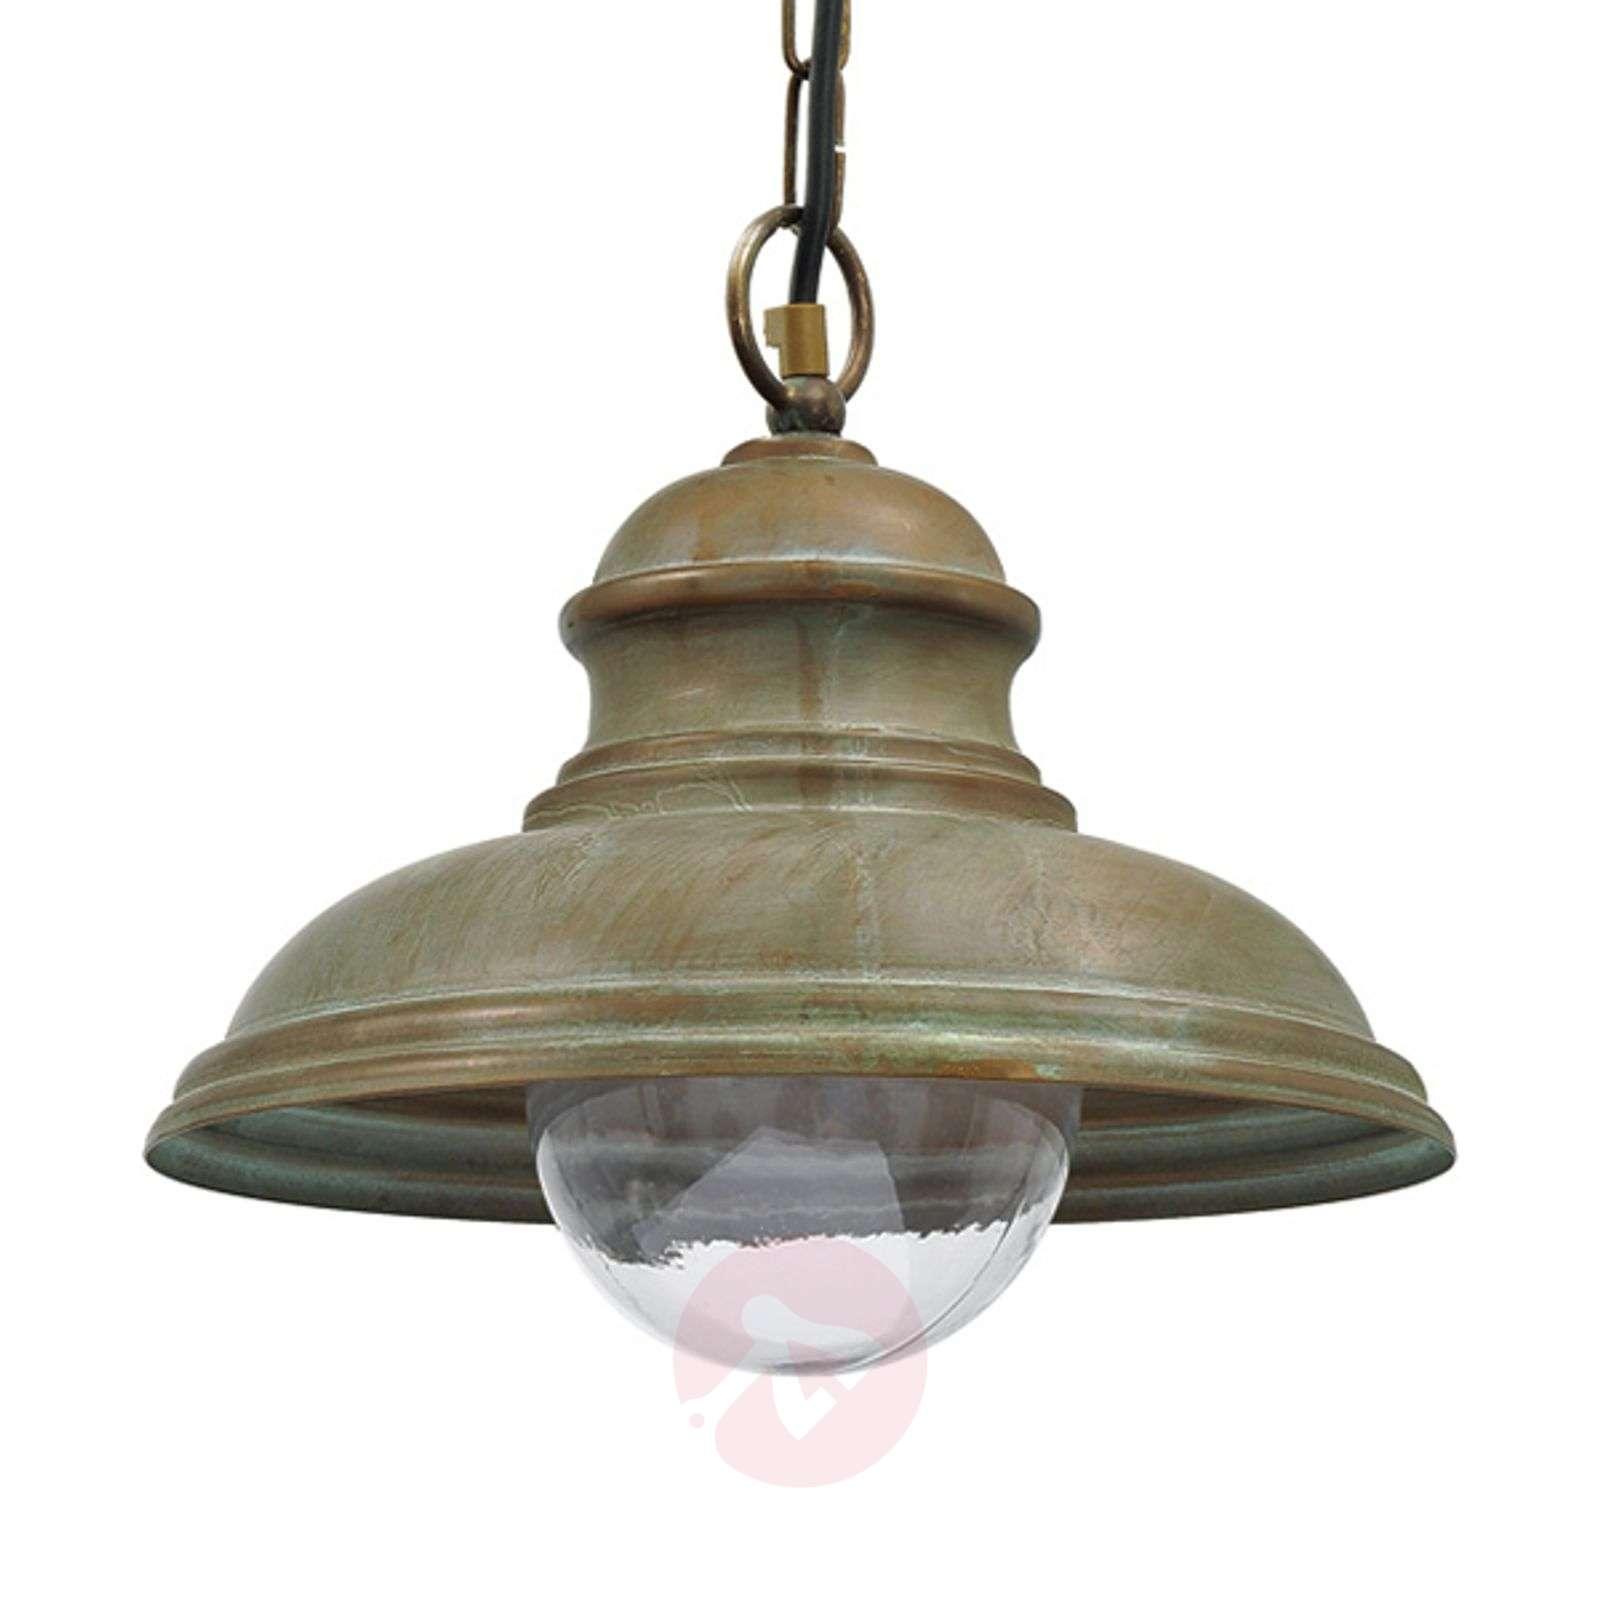 Pendant lamp Riccardo seawater-resistant-6515356-01